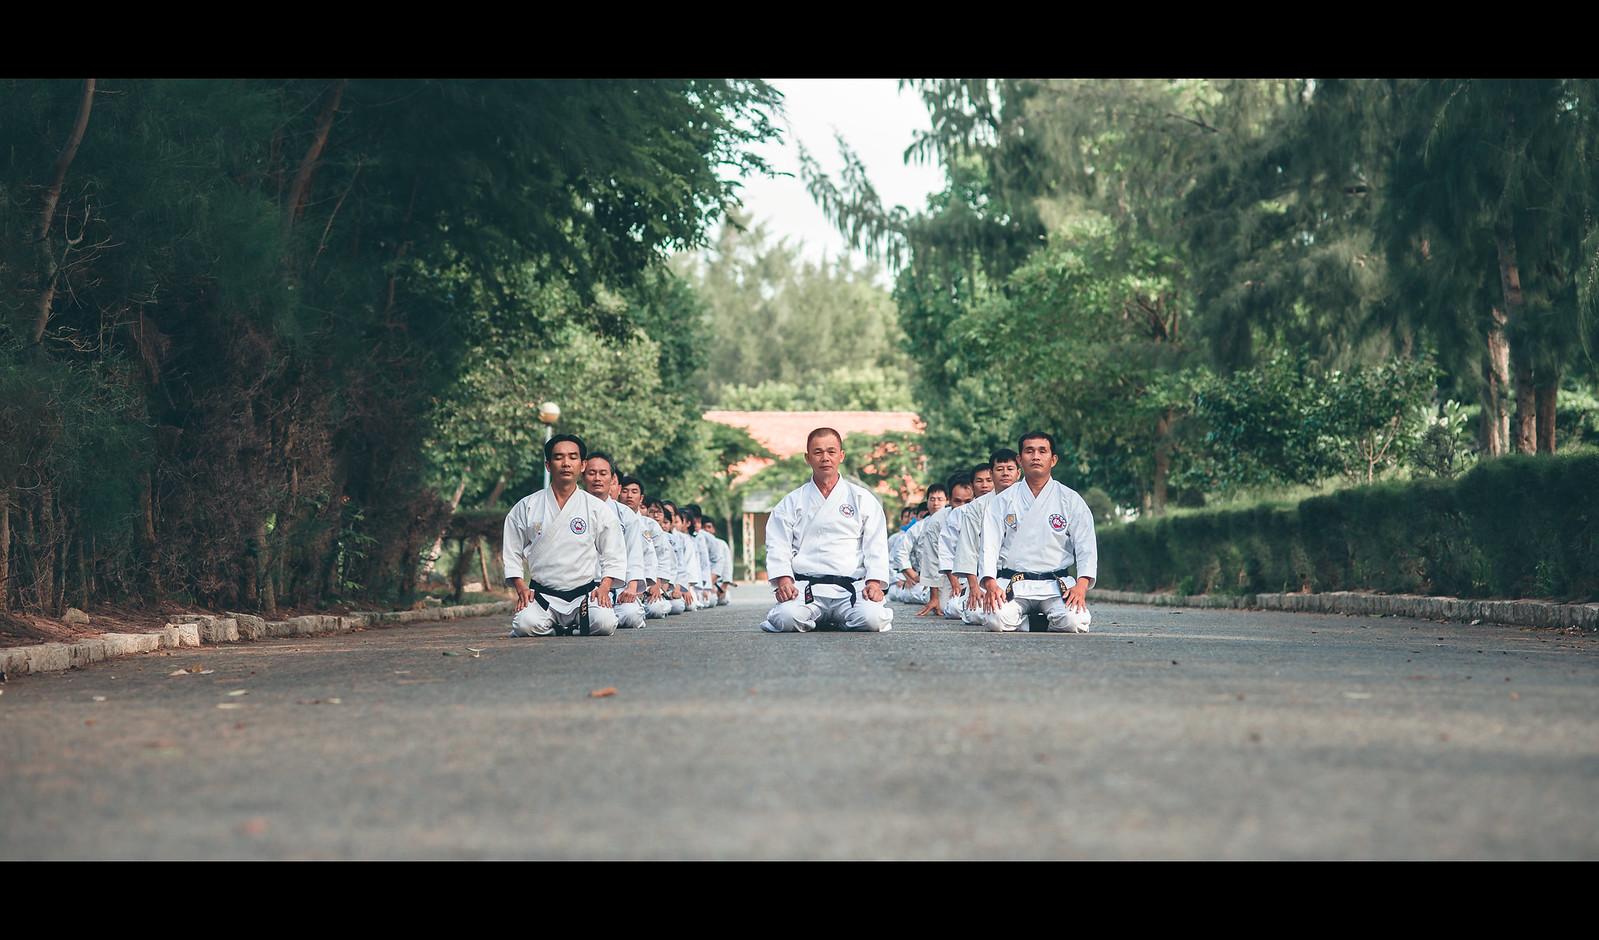 43081056044 8578ed759f h - Chùm ảnh Karate qua màu phim cực chất